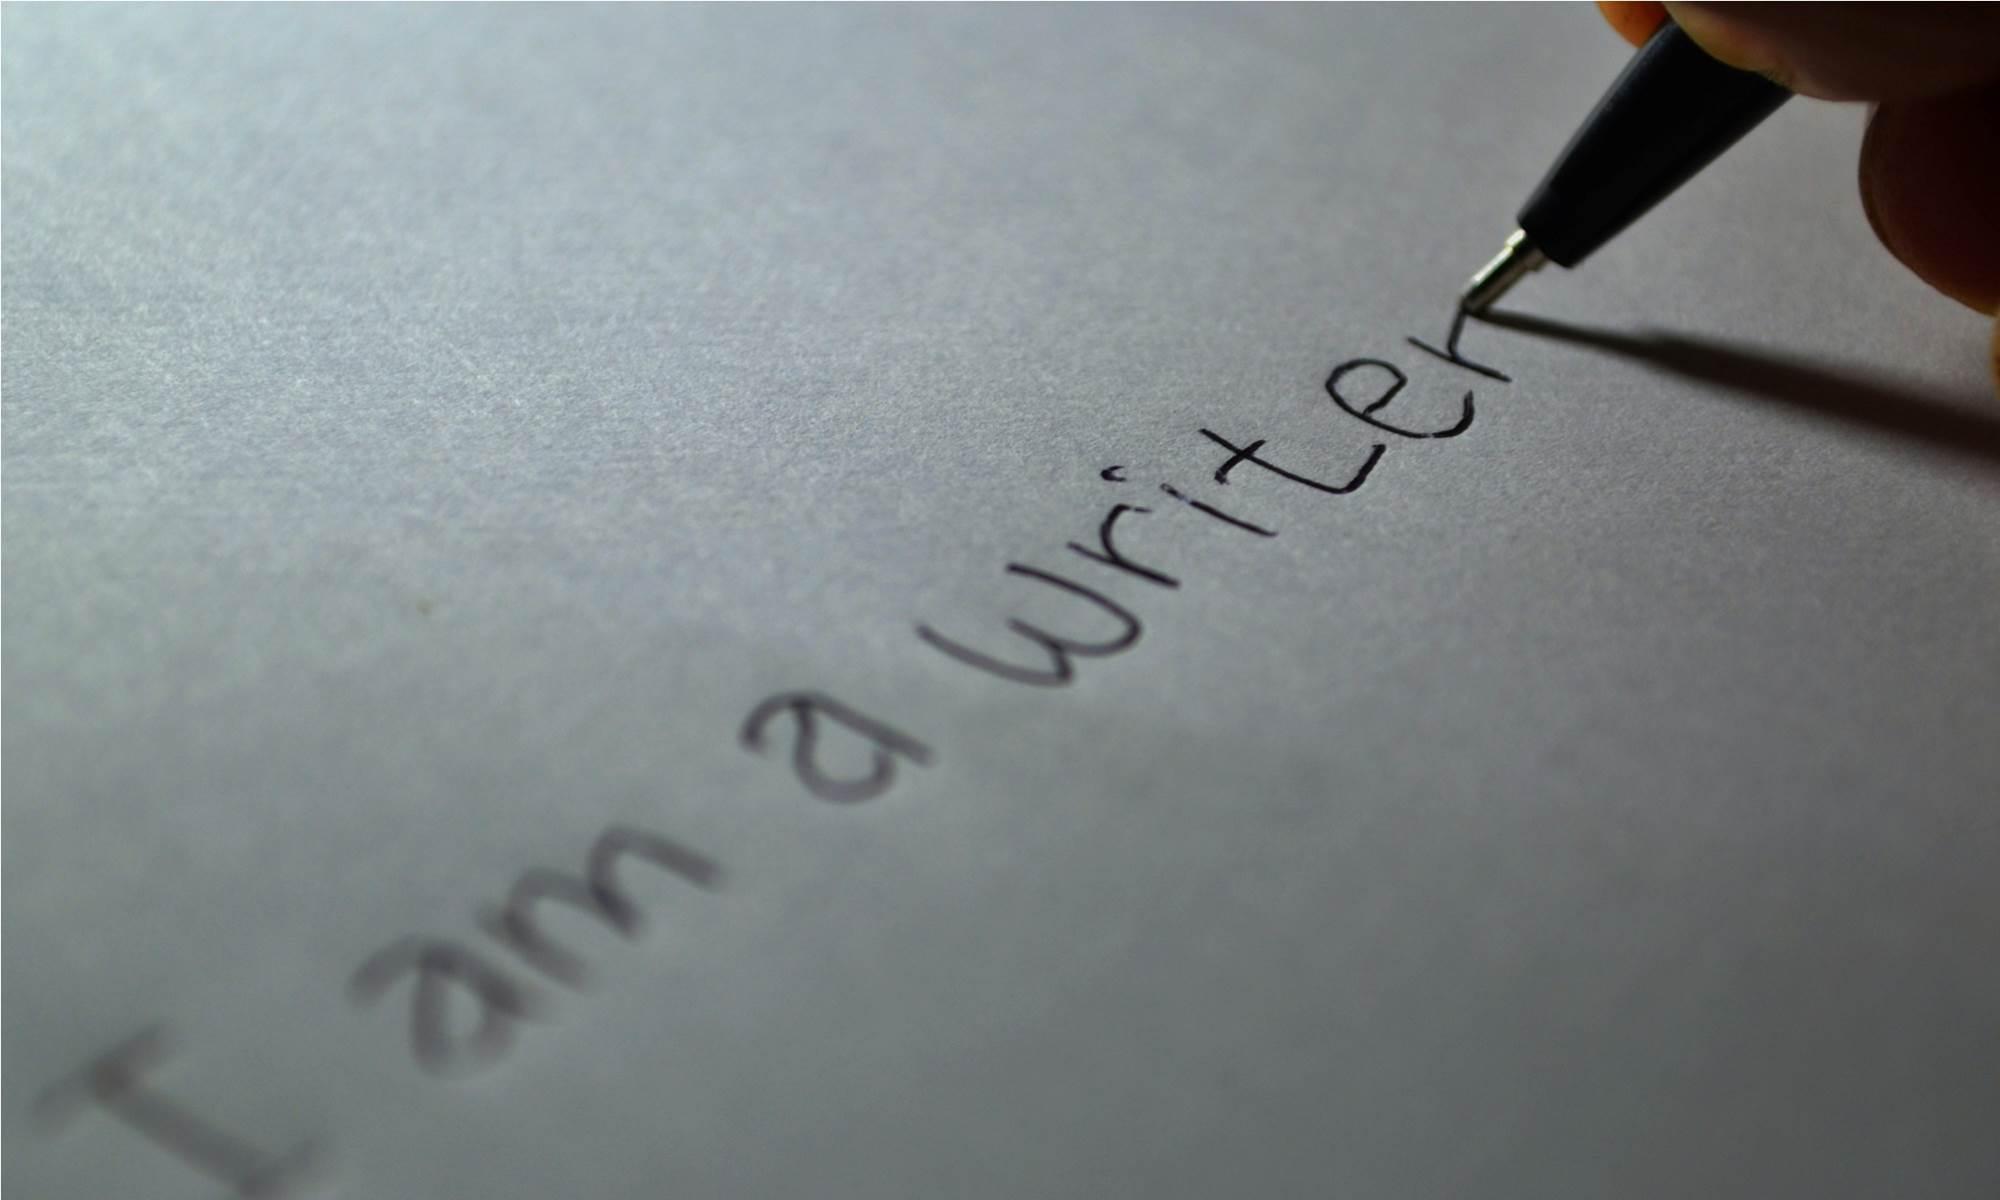 Schreiben – Auf dem Weg zur Selbsterkenntnis | Schreiben lernen im Schreibworkshop oder Schreibcoaching